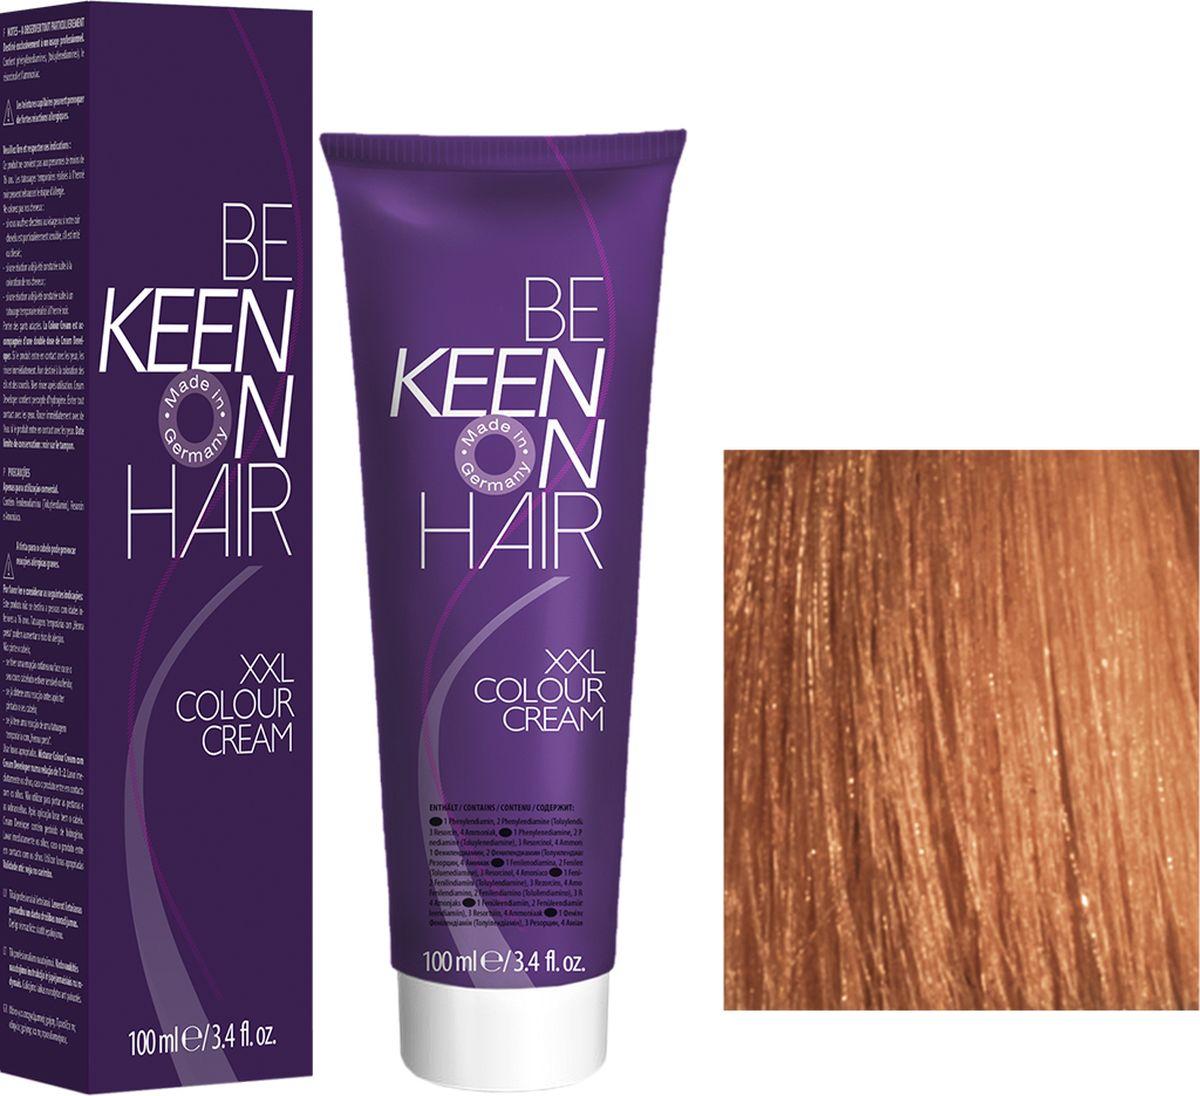 Keen Краска для волос 7.34 Натуральный золотисто-медный блондин Mittelblond Gold-Kupfer, 100 мл69100057Модные оттенкиБолее 100 оттенков для креативной комбинации цветов.ЭкономичностьПри использовании тюбика 100 мл вы получаете оптимальное соотношение цены и качества!УходМолочный белок поддерживает структуру волоса во время окрашивания и придает волосам блеск и шелковистость. Протеины хорошо встраиваются в волосы и снабжают их влагой.